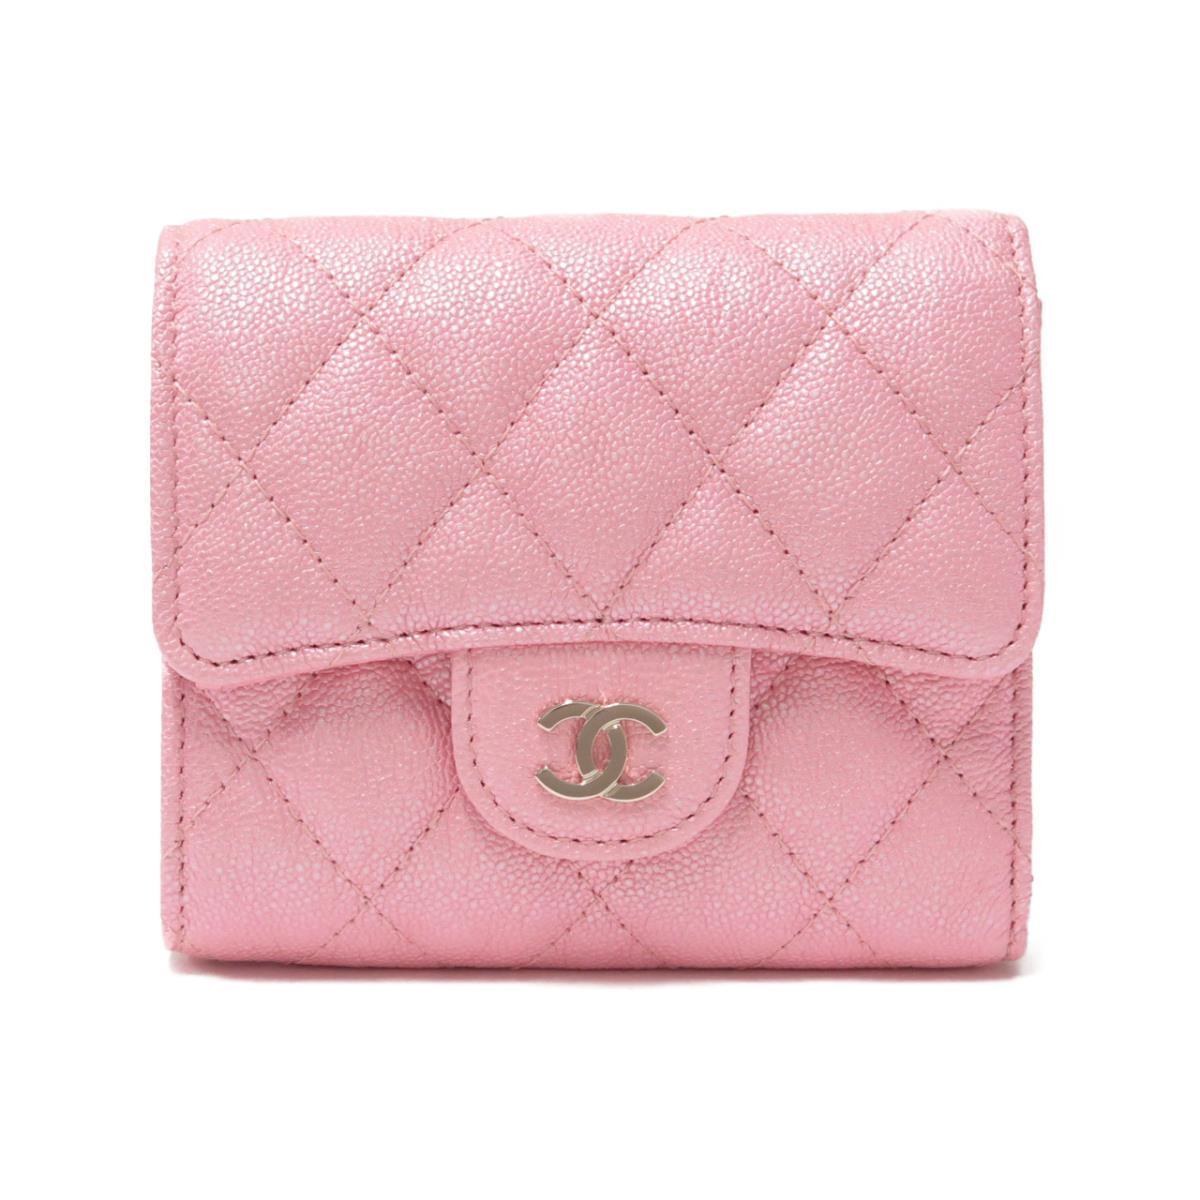 ピンクのシャネルのミニ財布